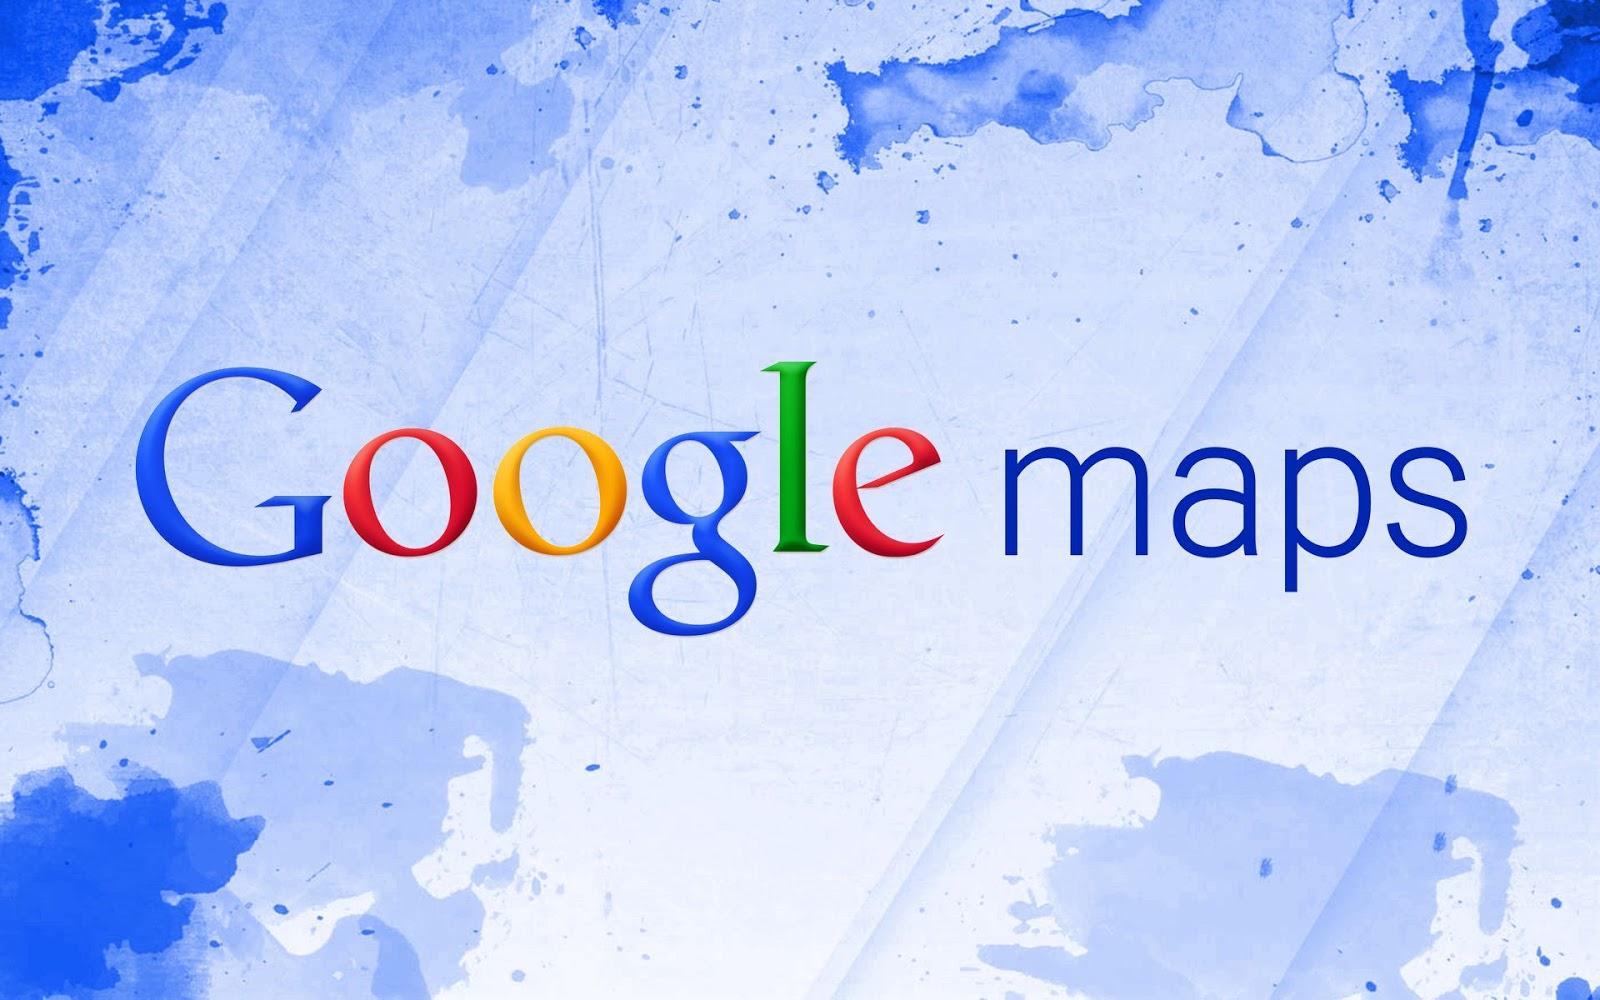 كيفية استخدام خرائط غوغل في وضع عدم الاتصال